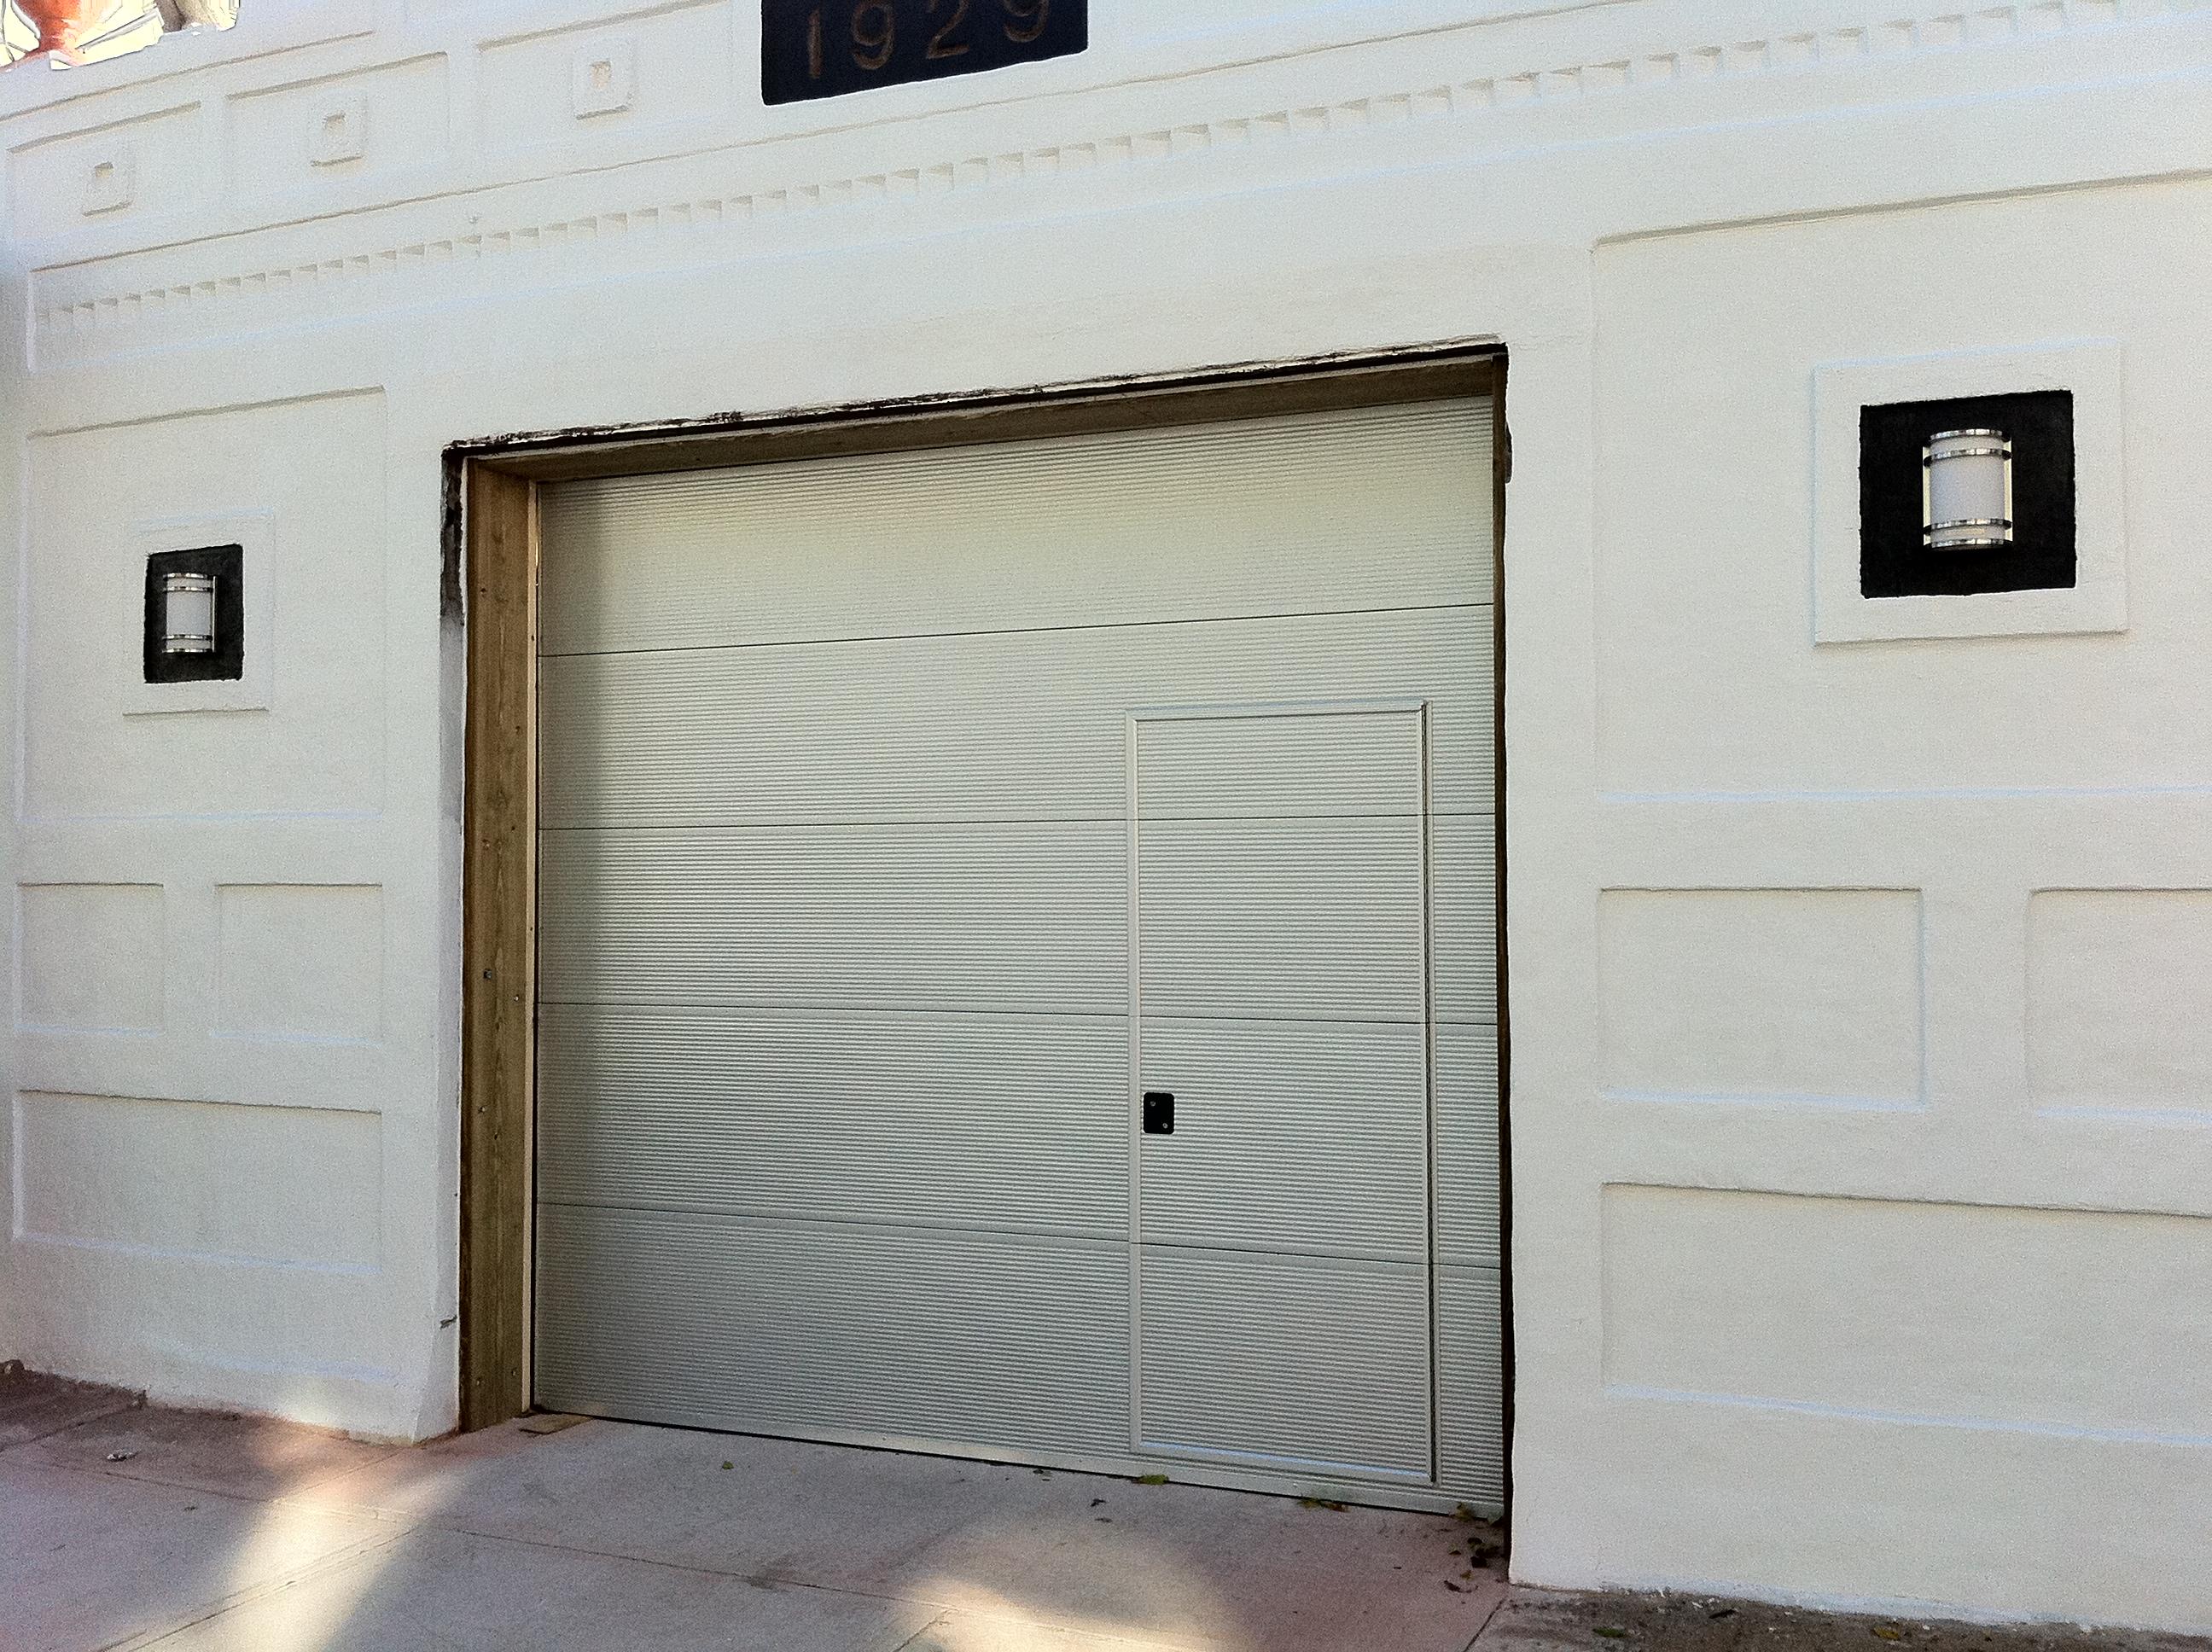 Garage Doors Lower Heating Costs